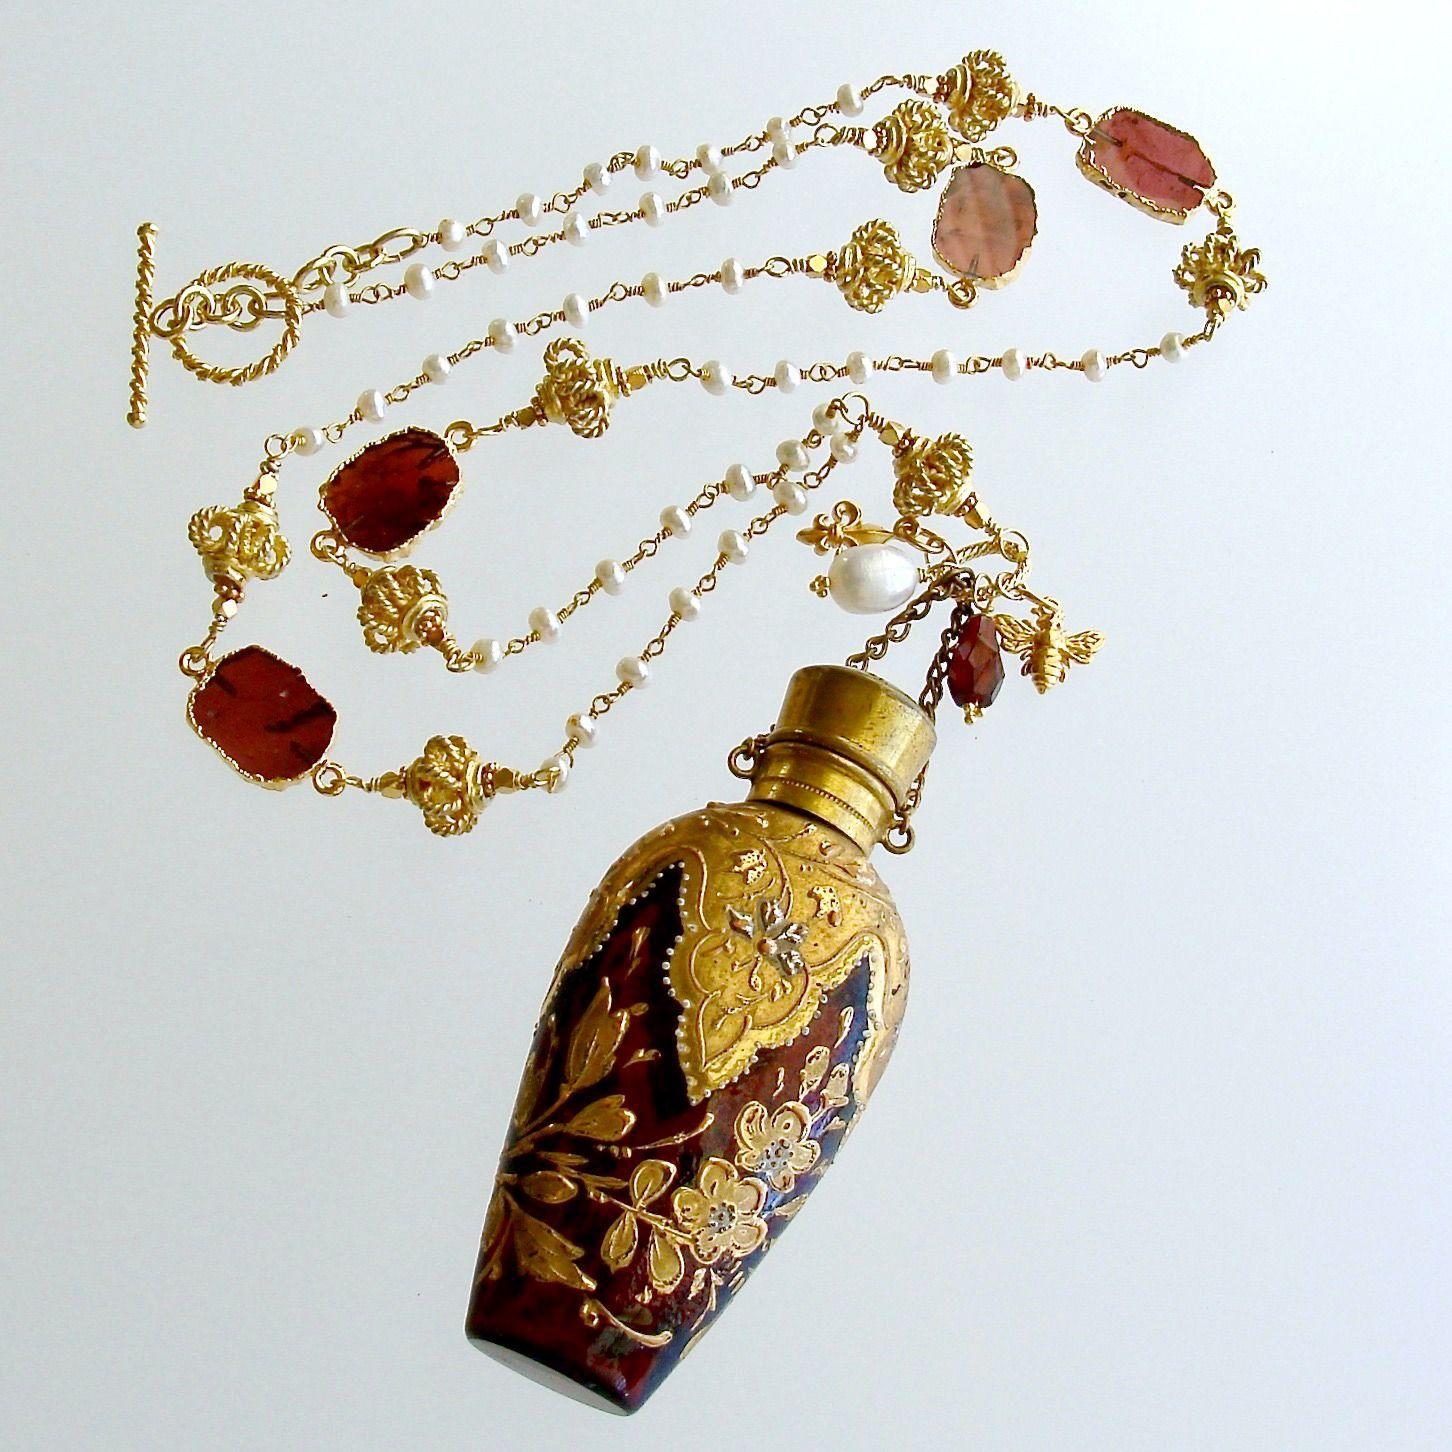 Gilt Embossed Garnet Red Moser Chatelaine Scent Bottle Necklace – Garnette Necklace | Karen Sugarman Designs